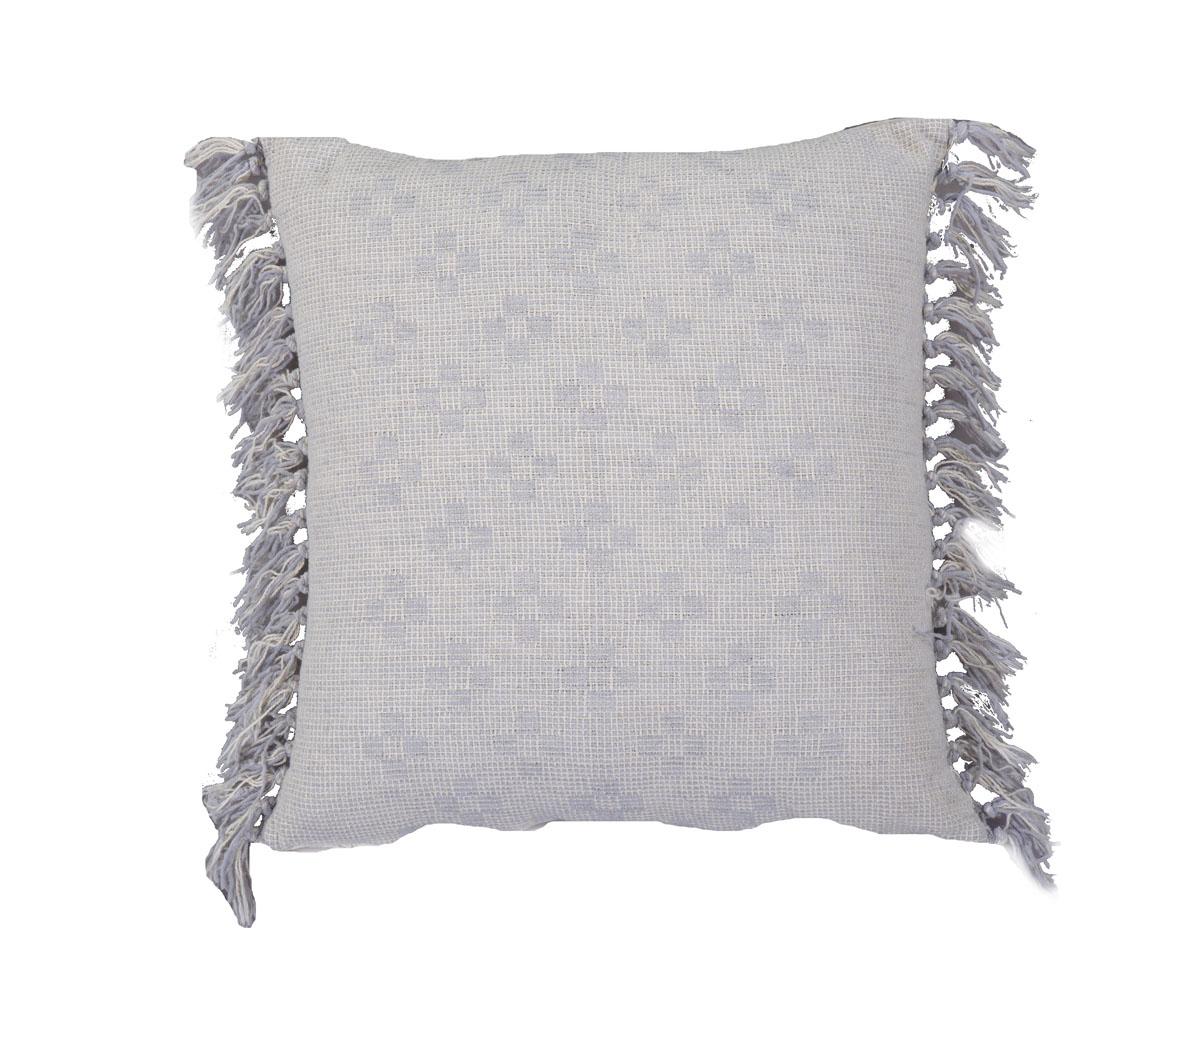 Μαξιλάρι Διακοσμητικό 45Χ45 Nef Nef Ζακάρ Awesome Grey